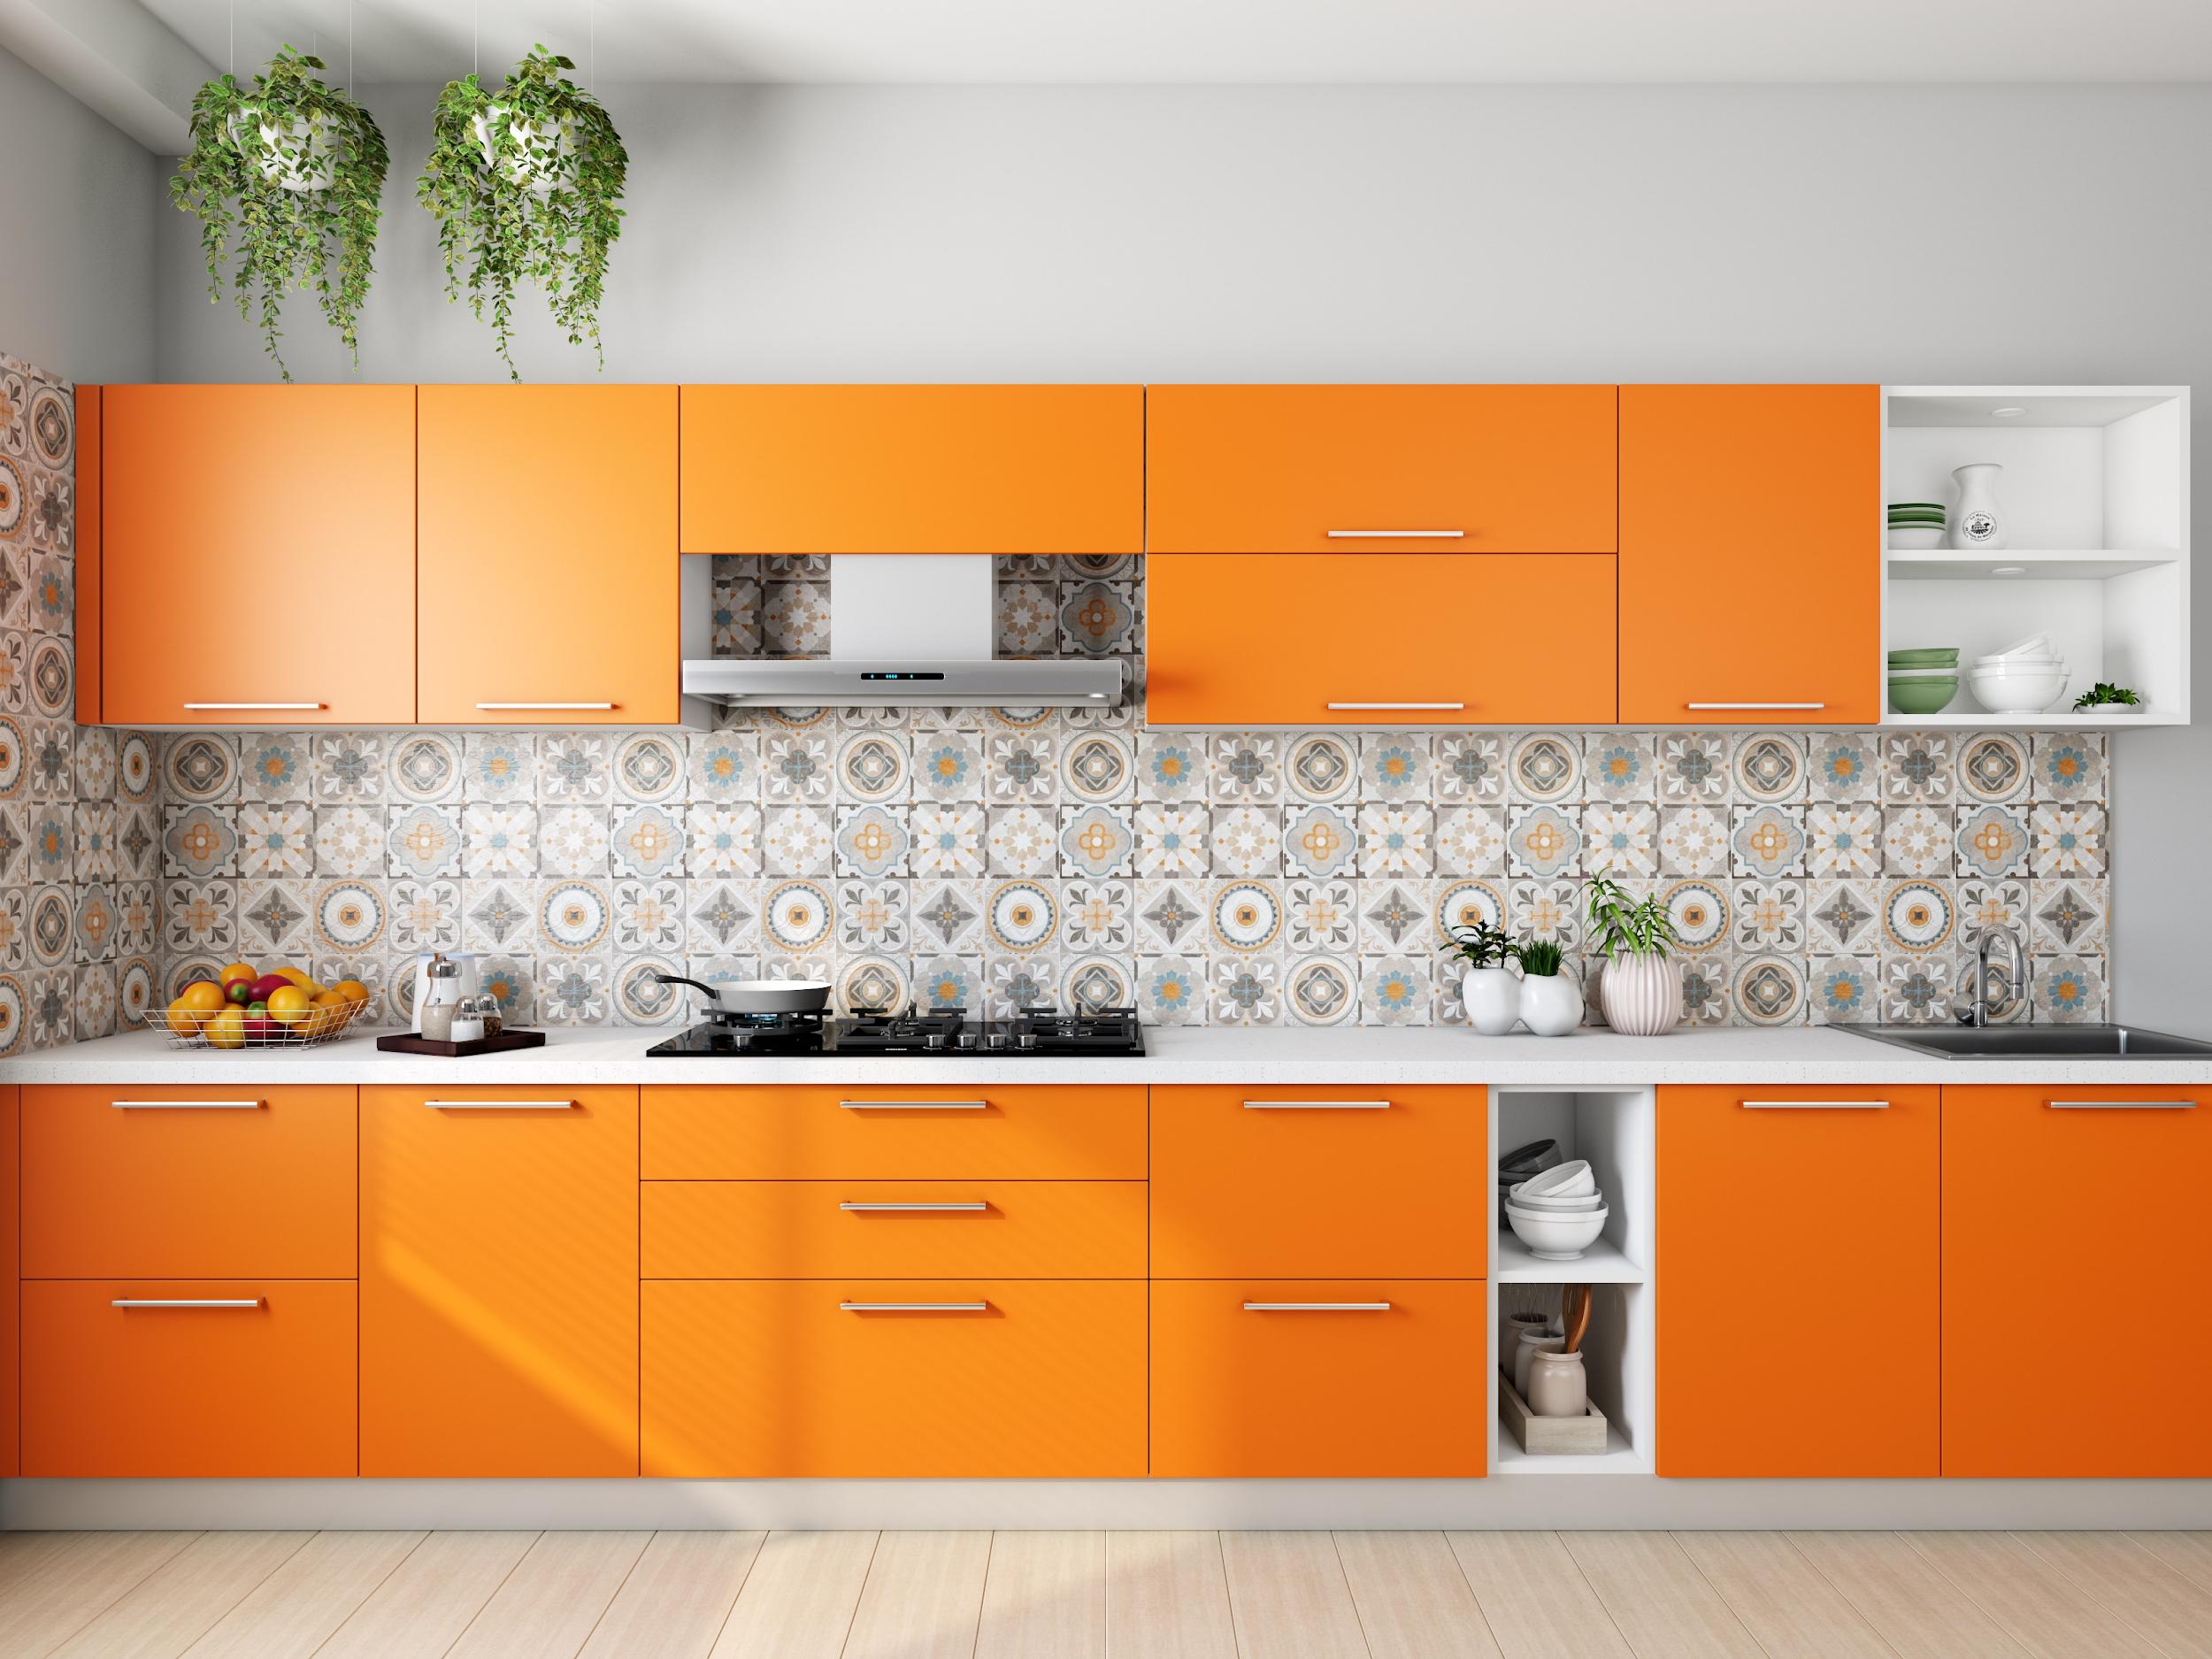 Warm Orange Colored Kitchen Schemes